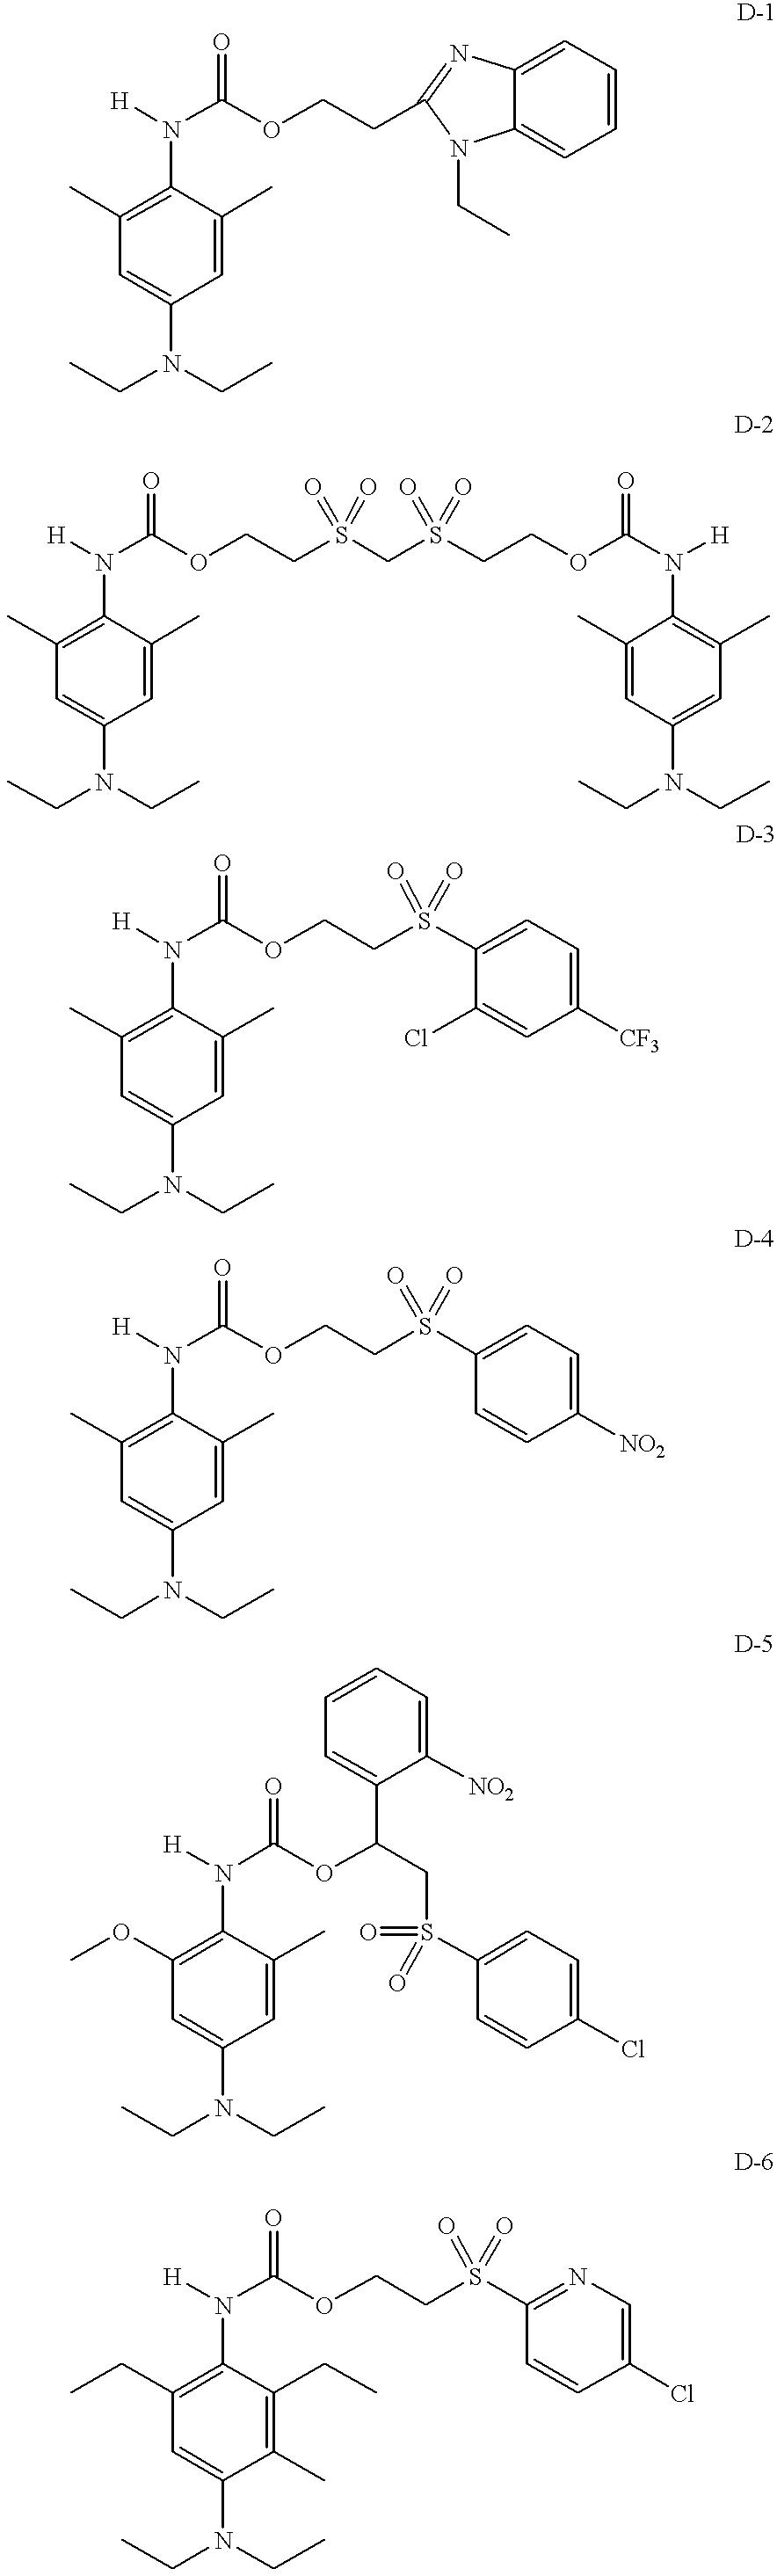 Figure US06570034-20030527-C00020